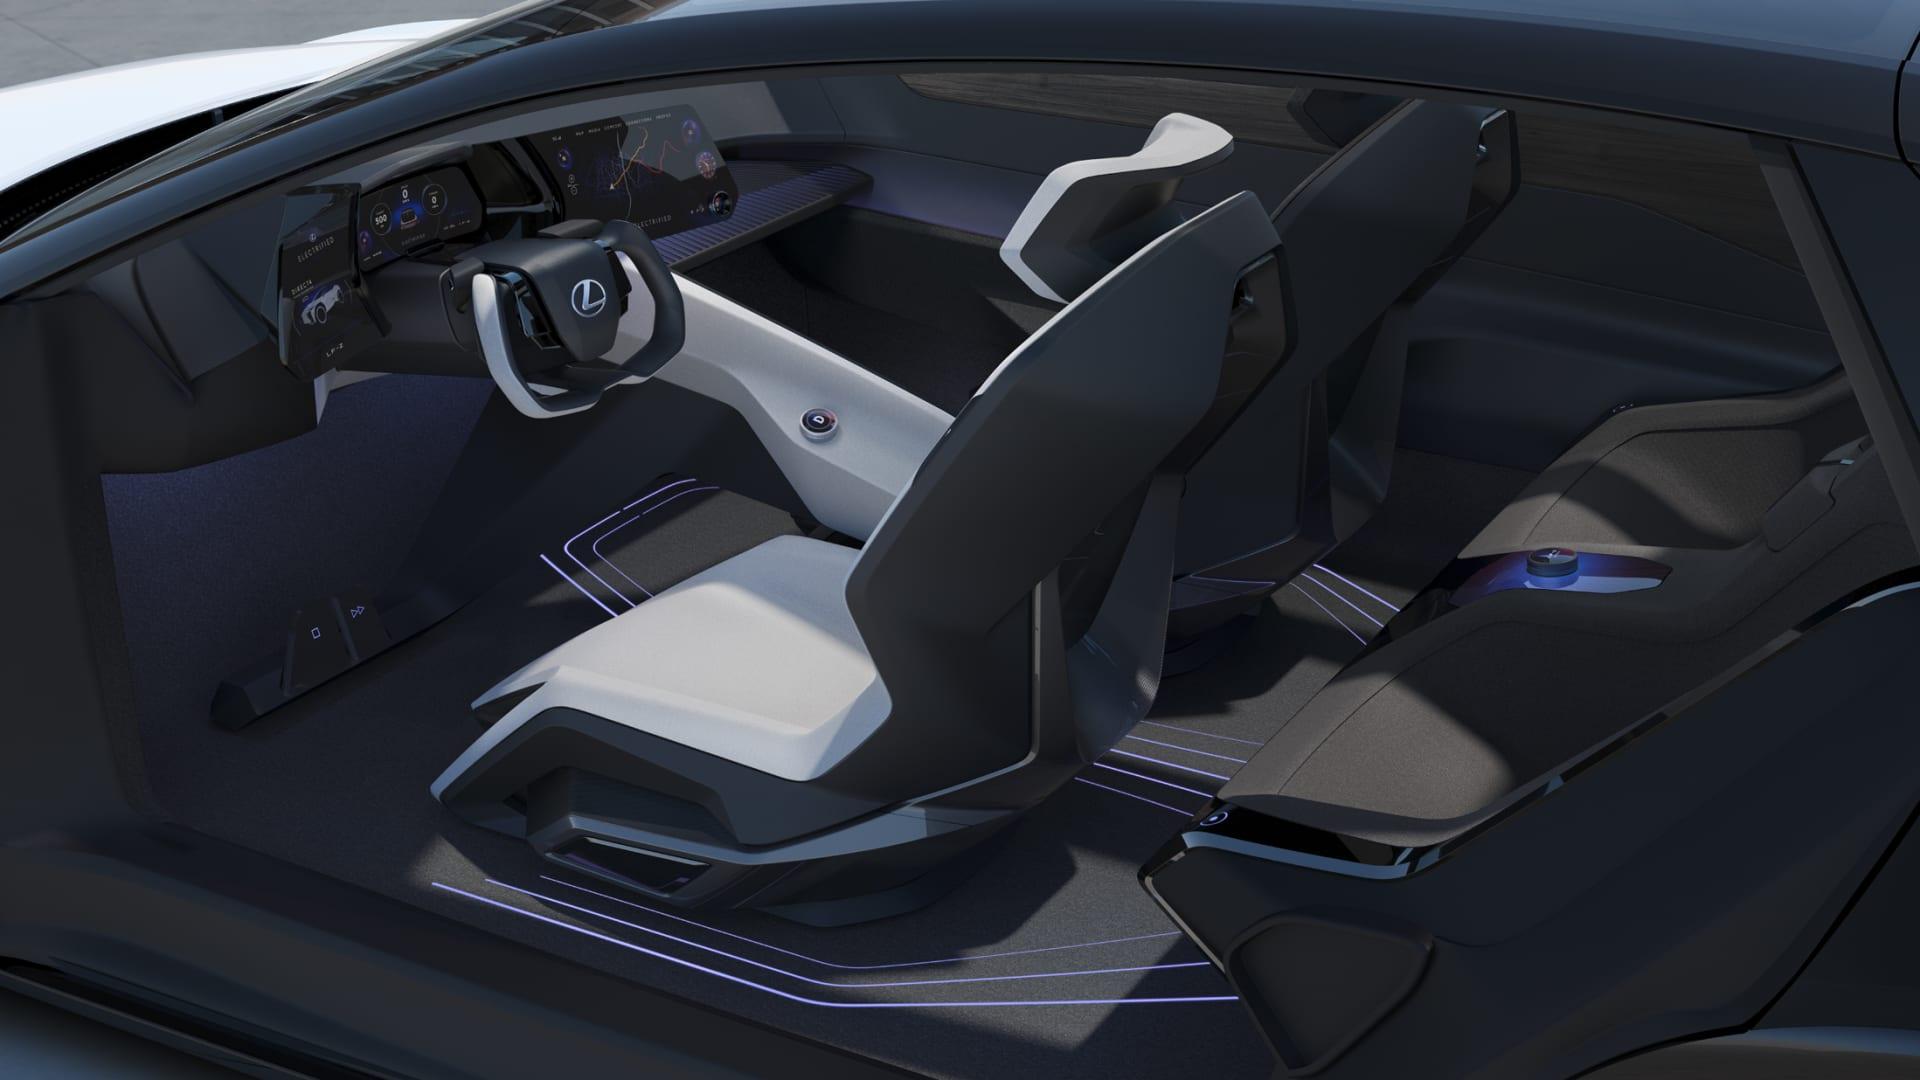 Lexus LF-Z Electrified concept vehicle